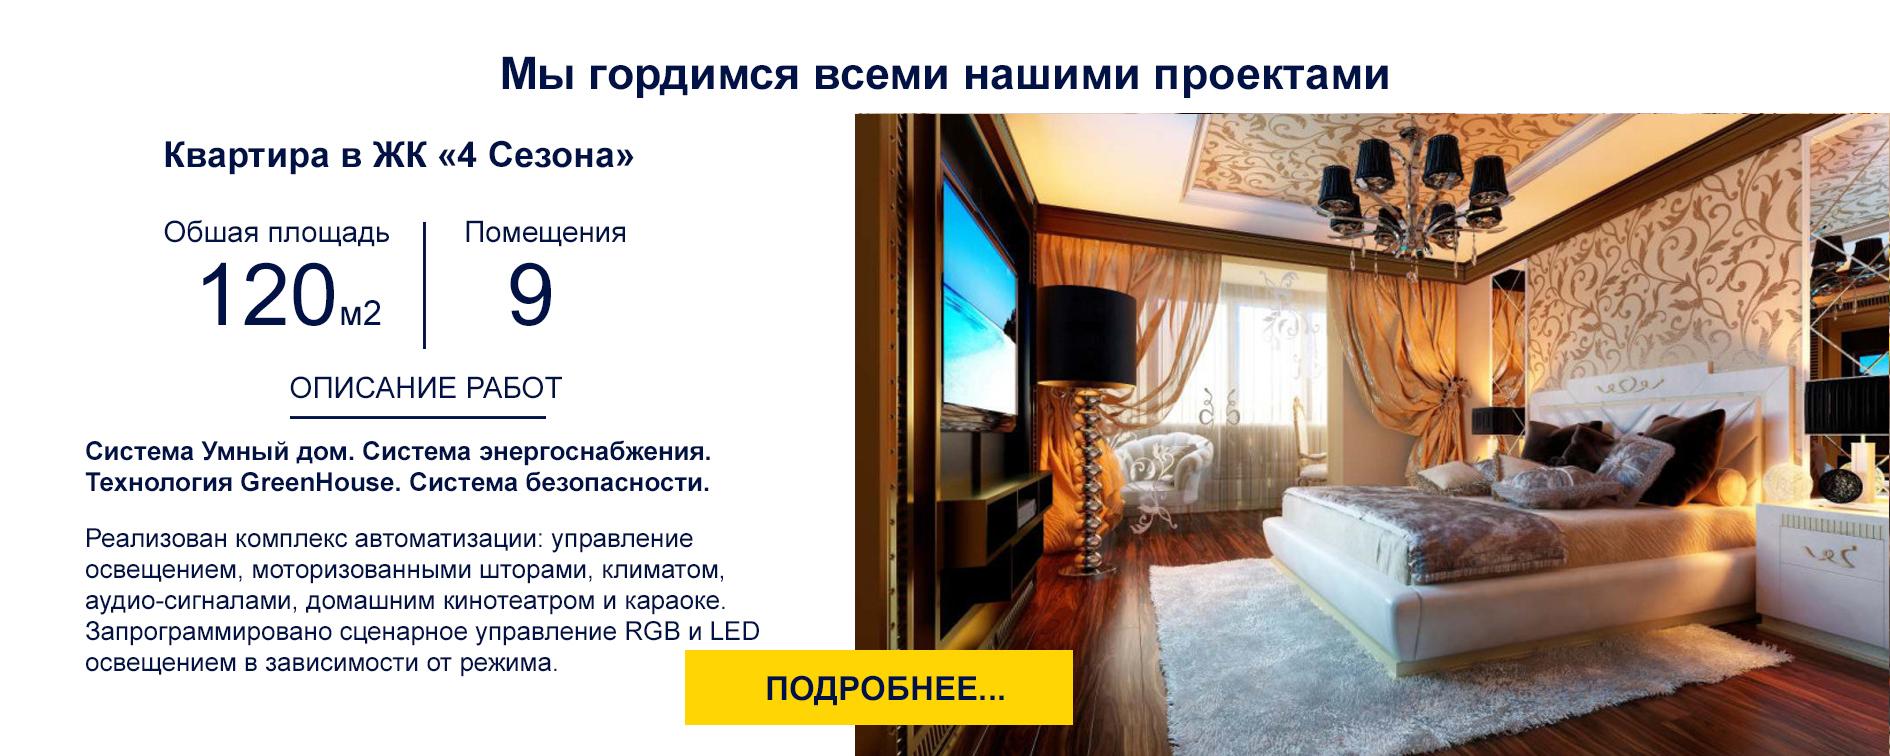 Квартира в ЖК «4 Сезона»